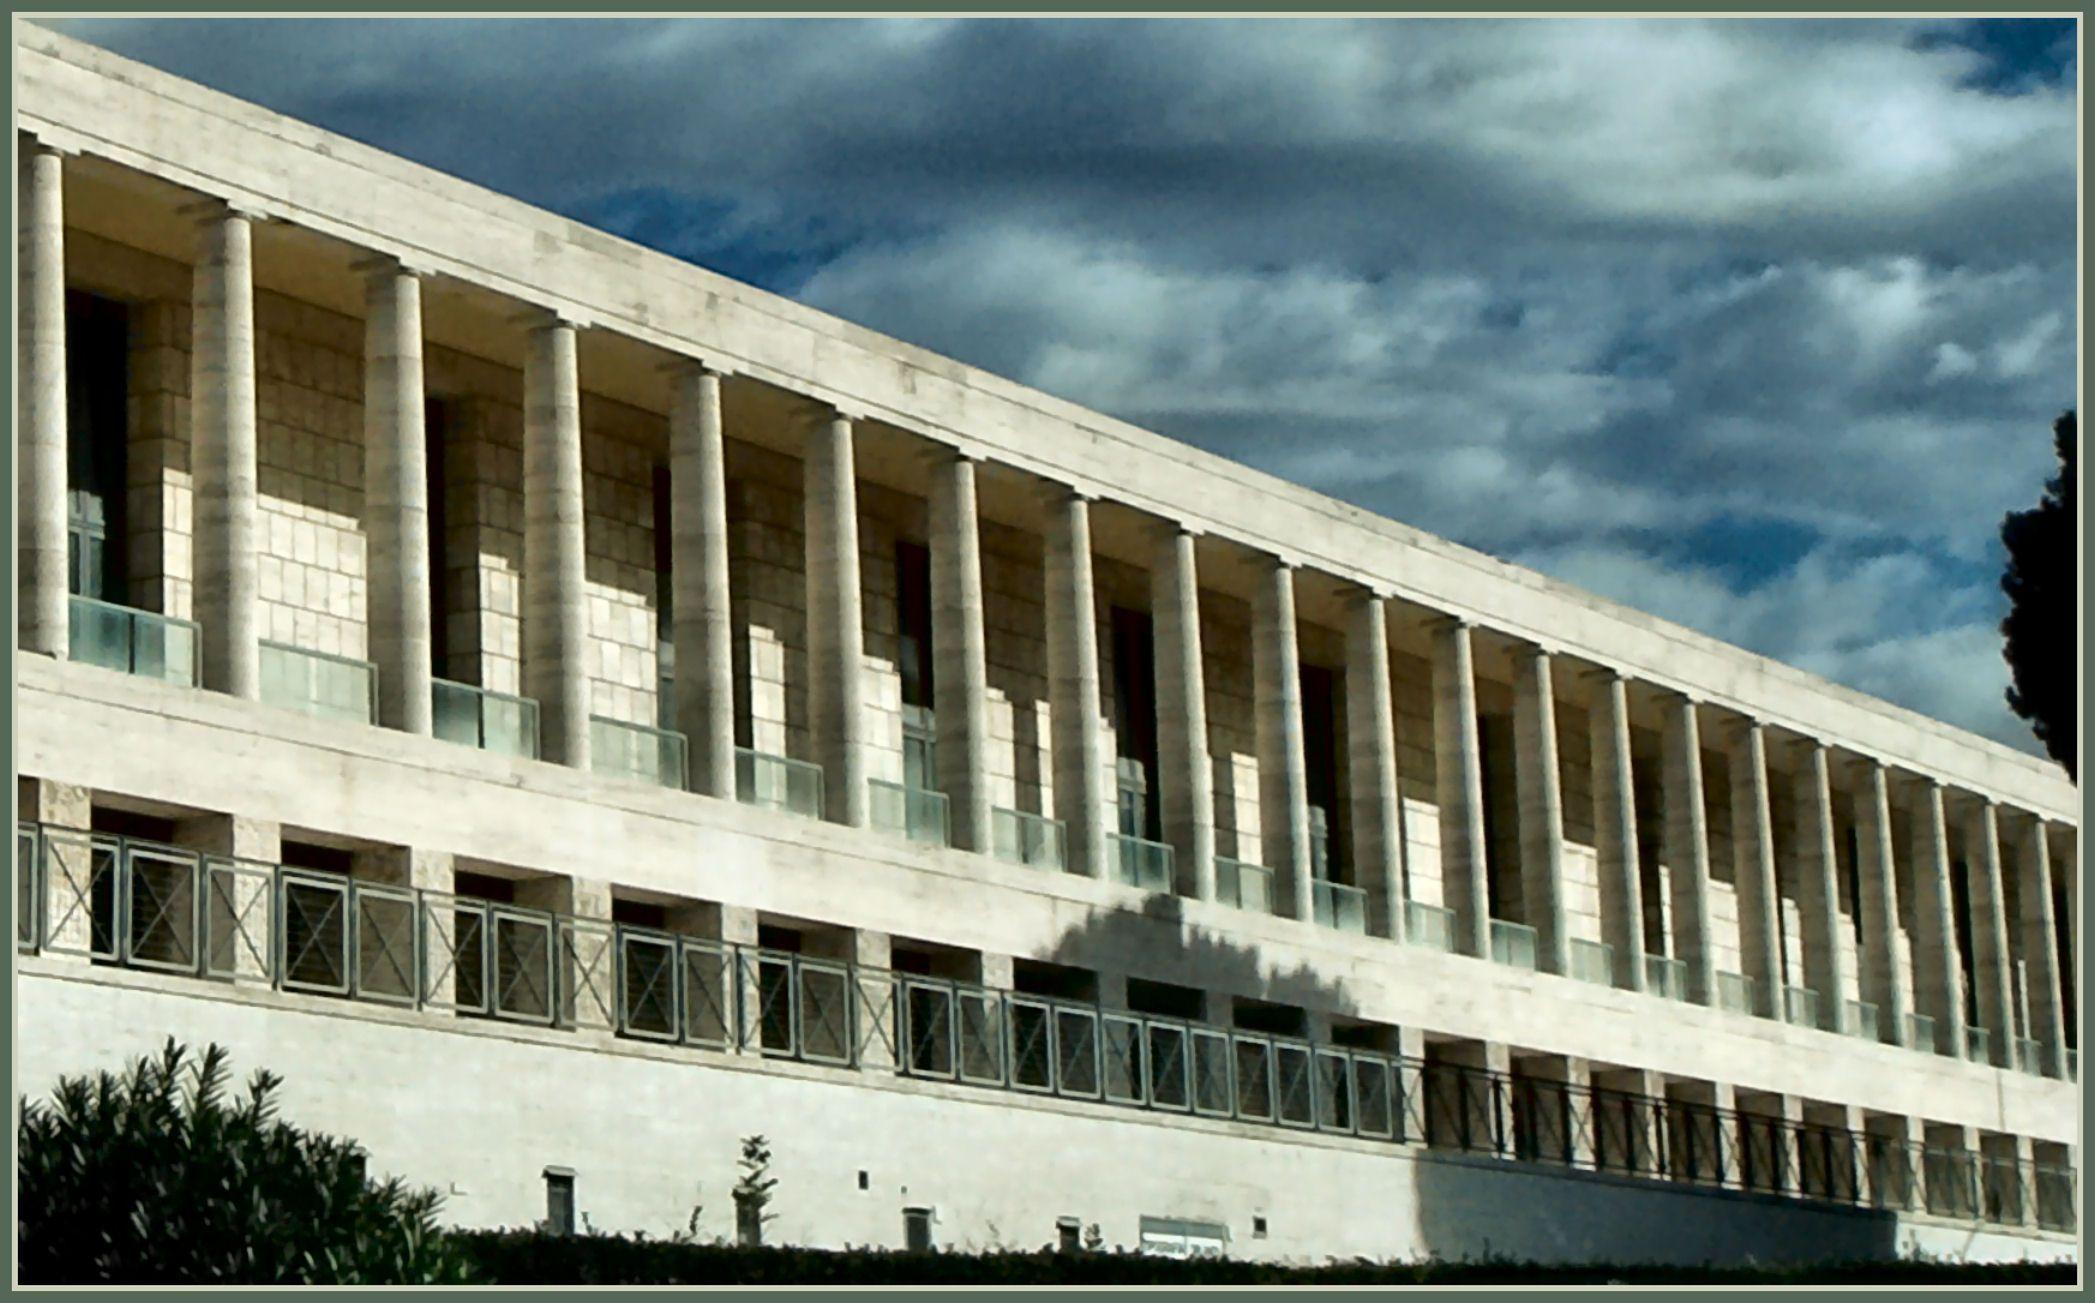 Archivio Di Stato By Marcello Piacentini